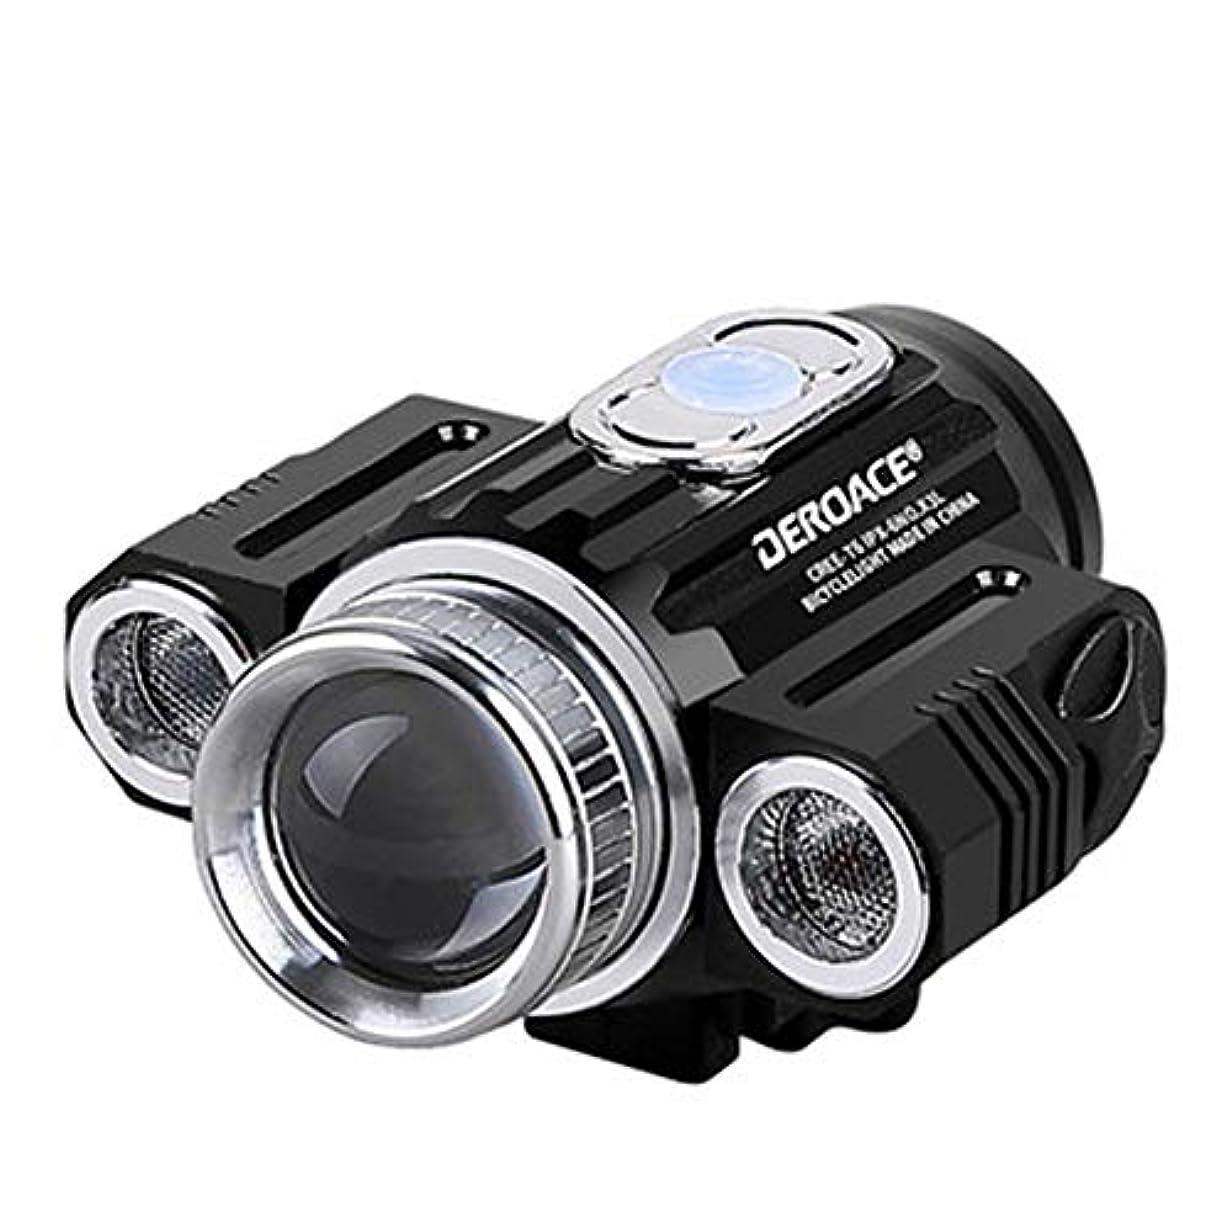 熟練した並外れて挽く自転車ライト、マウンテンバイク防水高輝度ヘッドライト、自転車付属品DC充電ナイトライディングライト